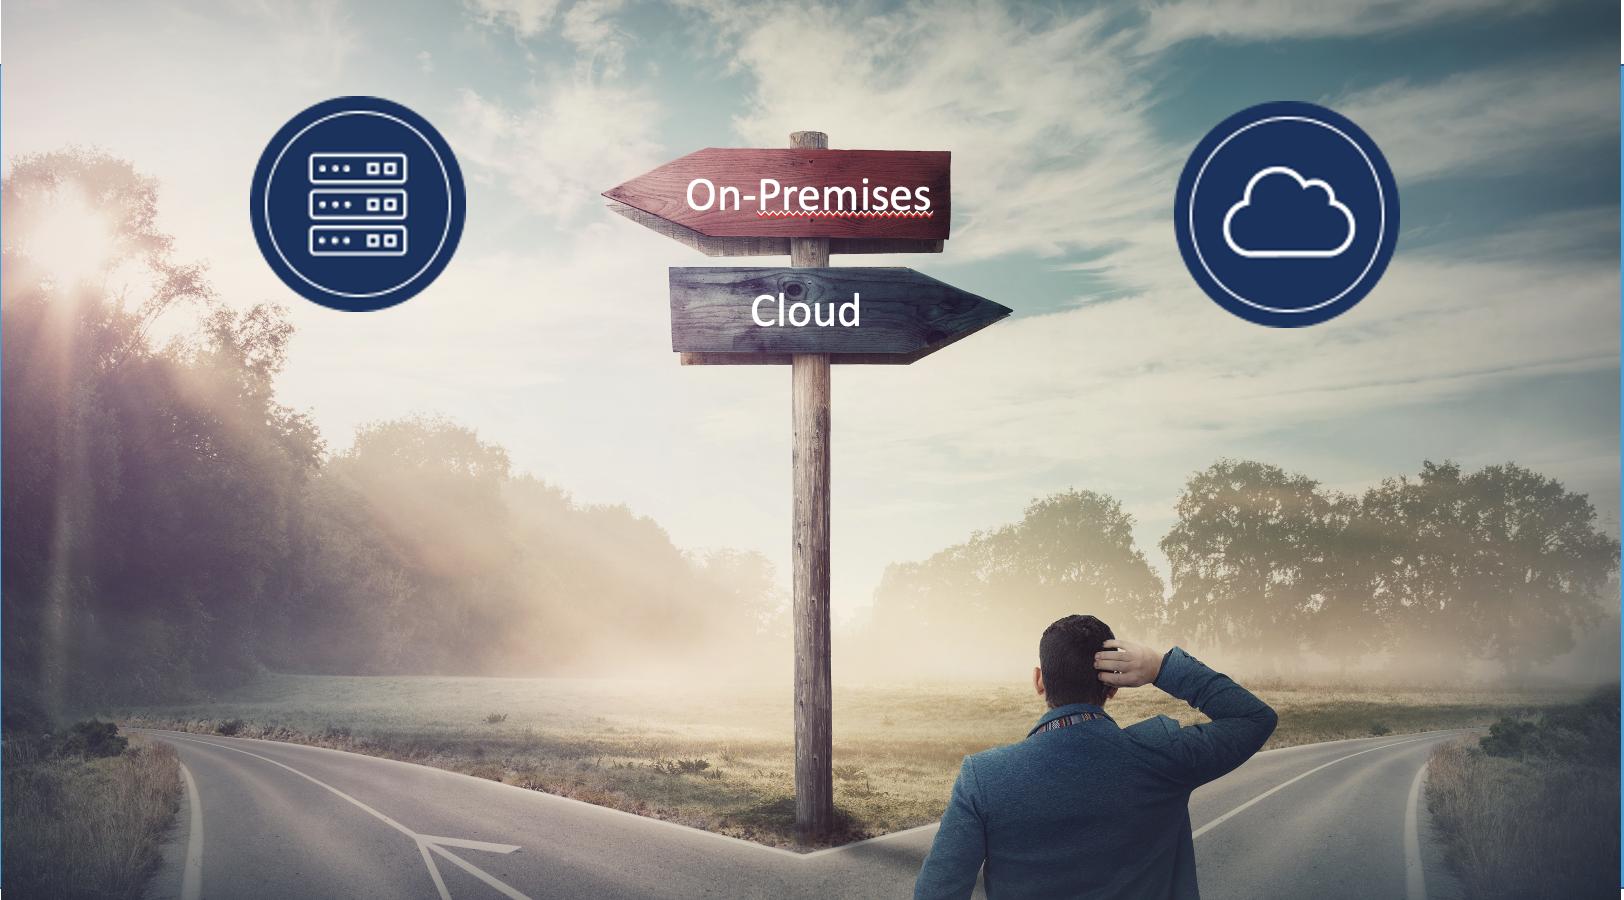 On-Premises vs. Cloud